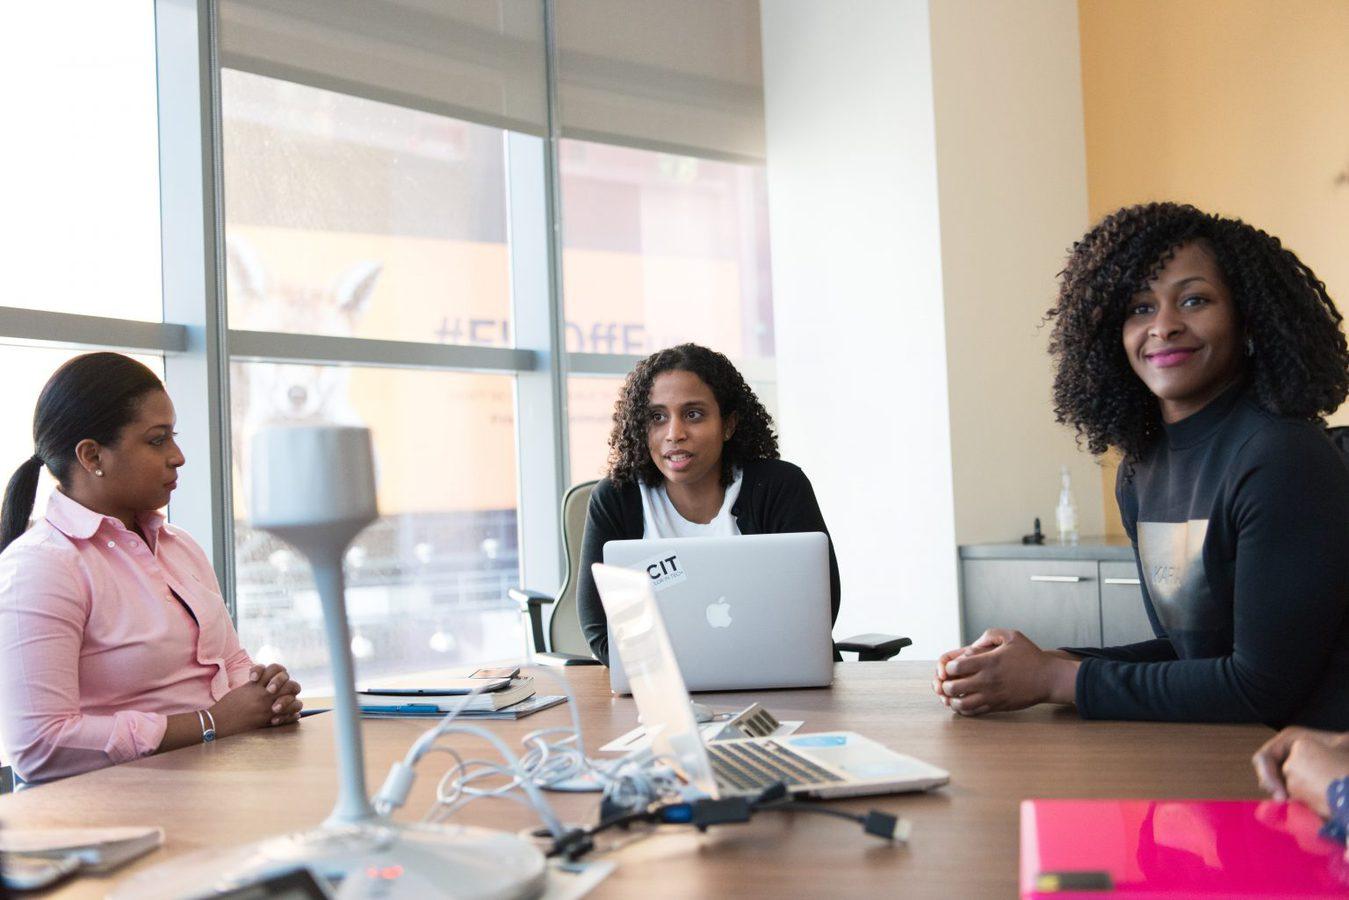 Women around a desk